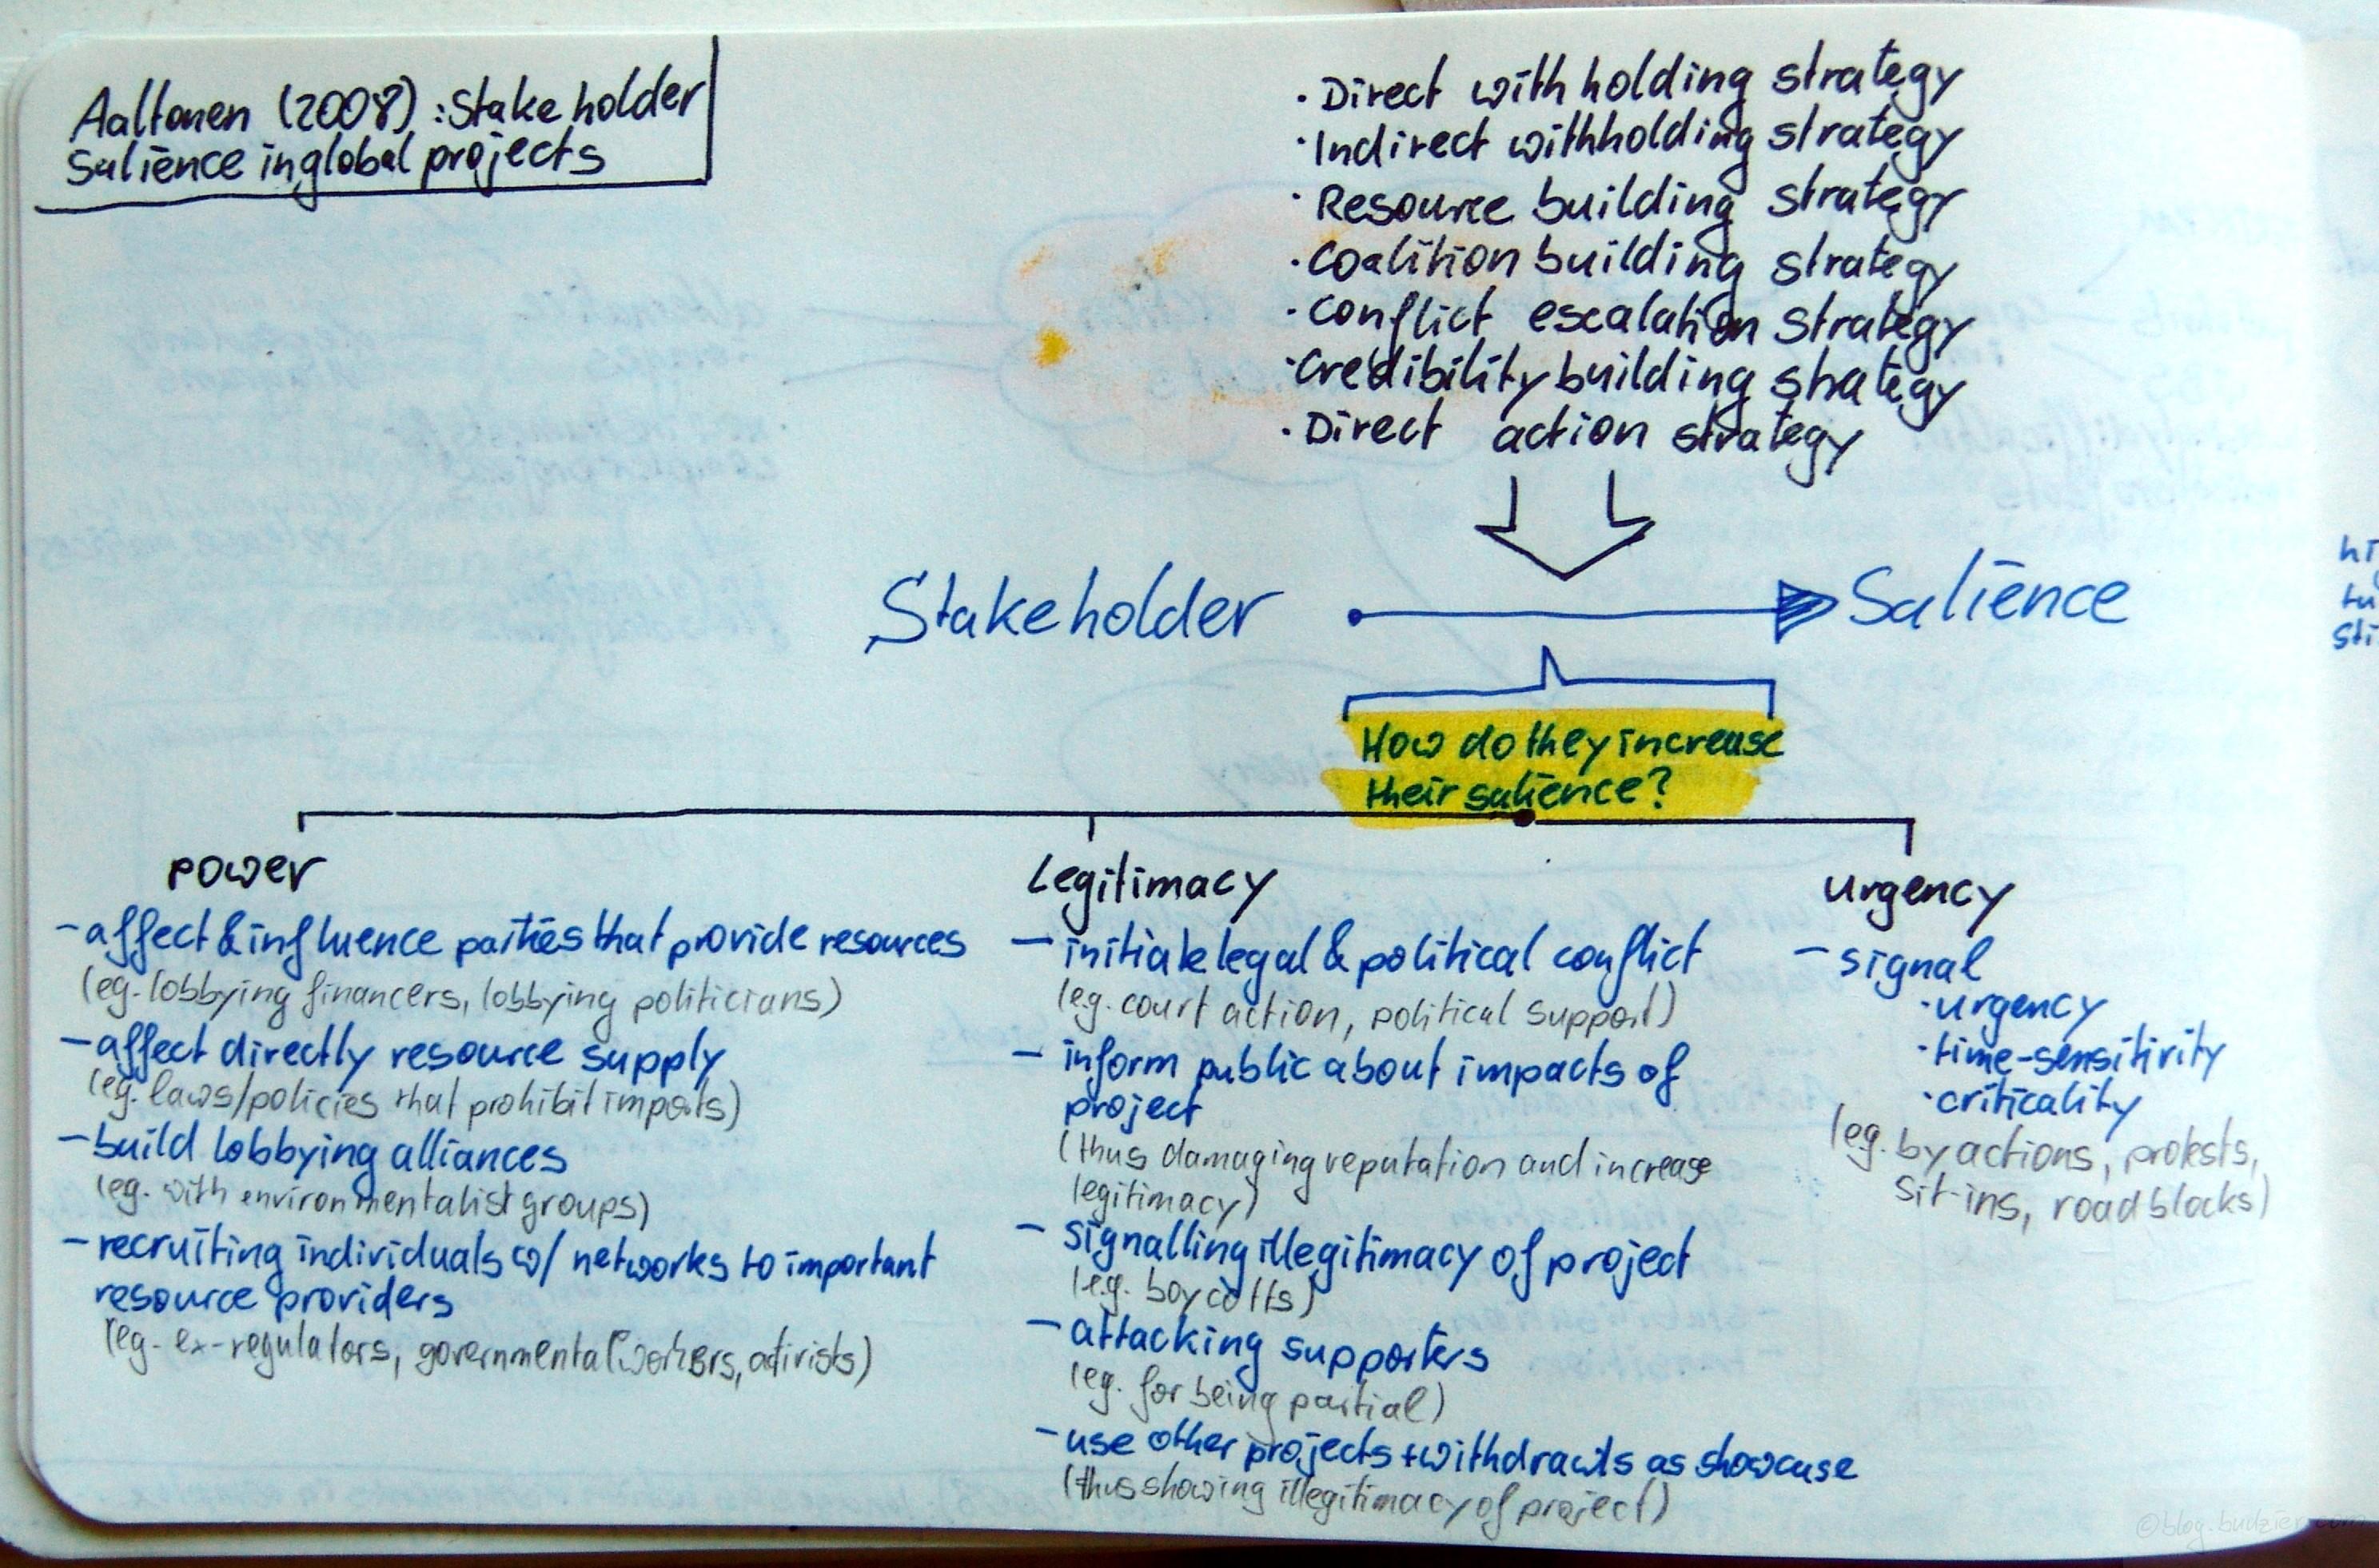 Stakeholder salience in global projects (Aaltonen et al., 2008)